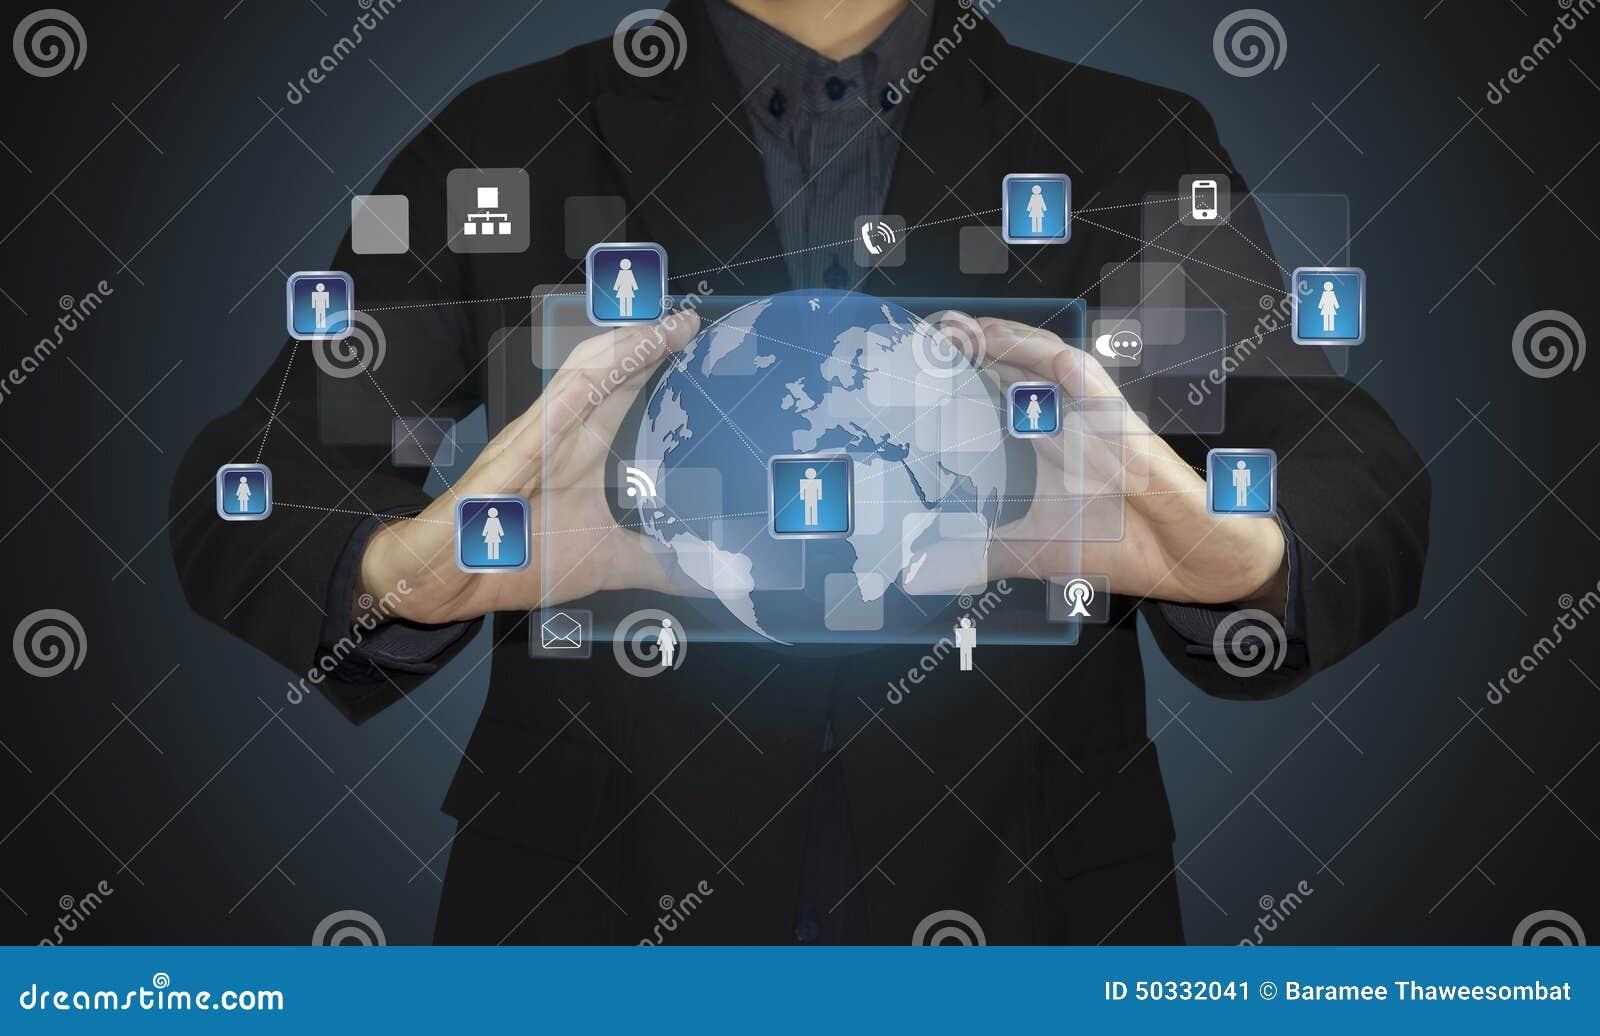 企业人连接一个计算机生成的社会网络概念.图片